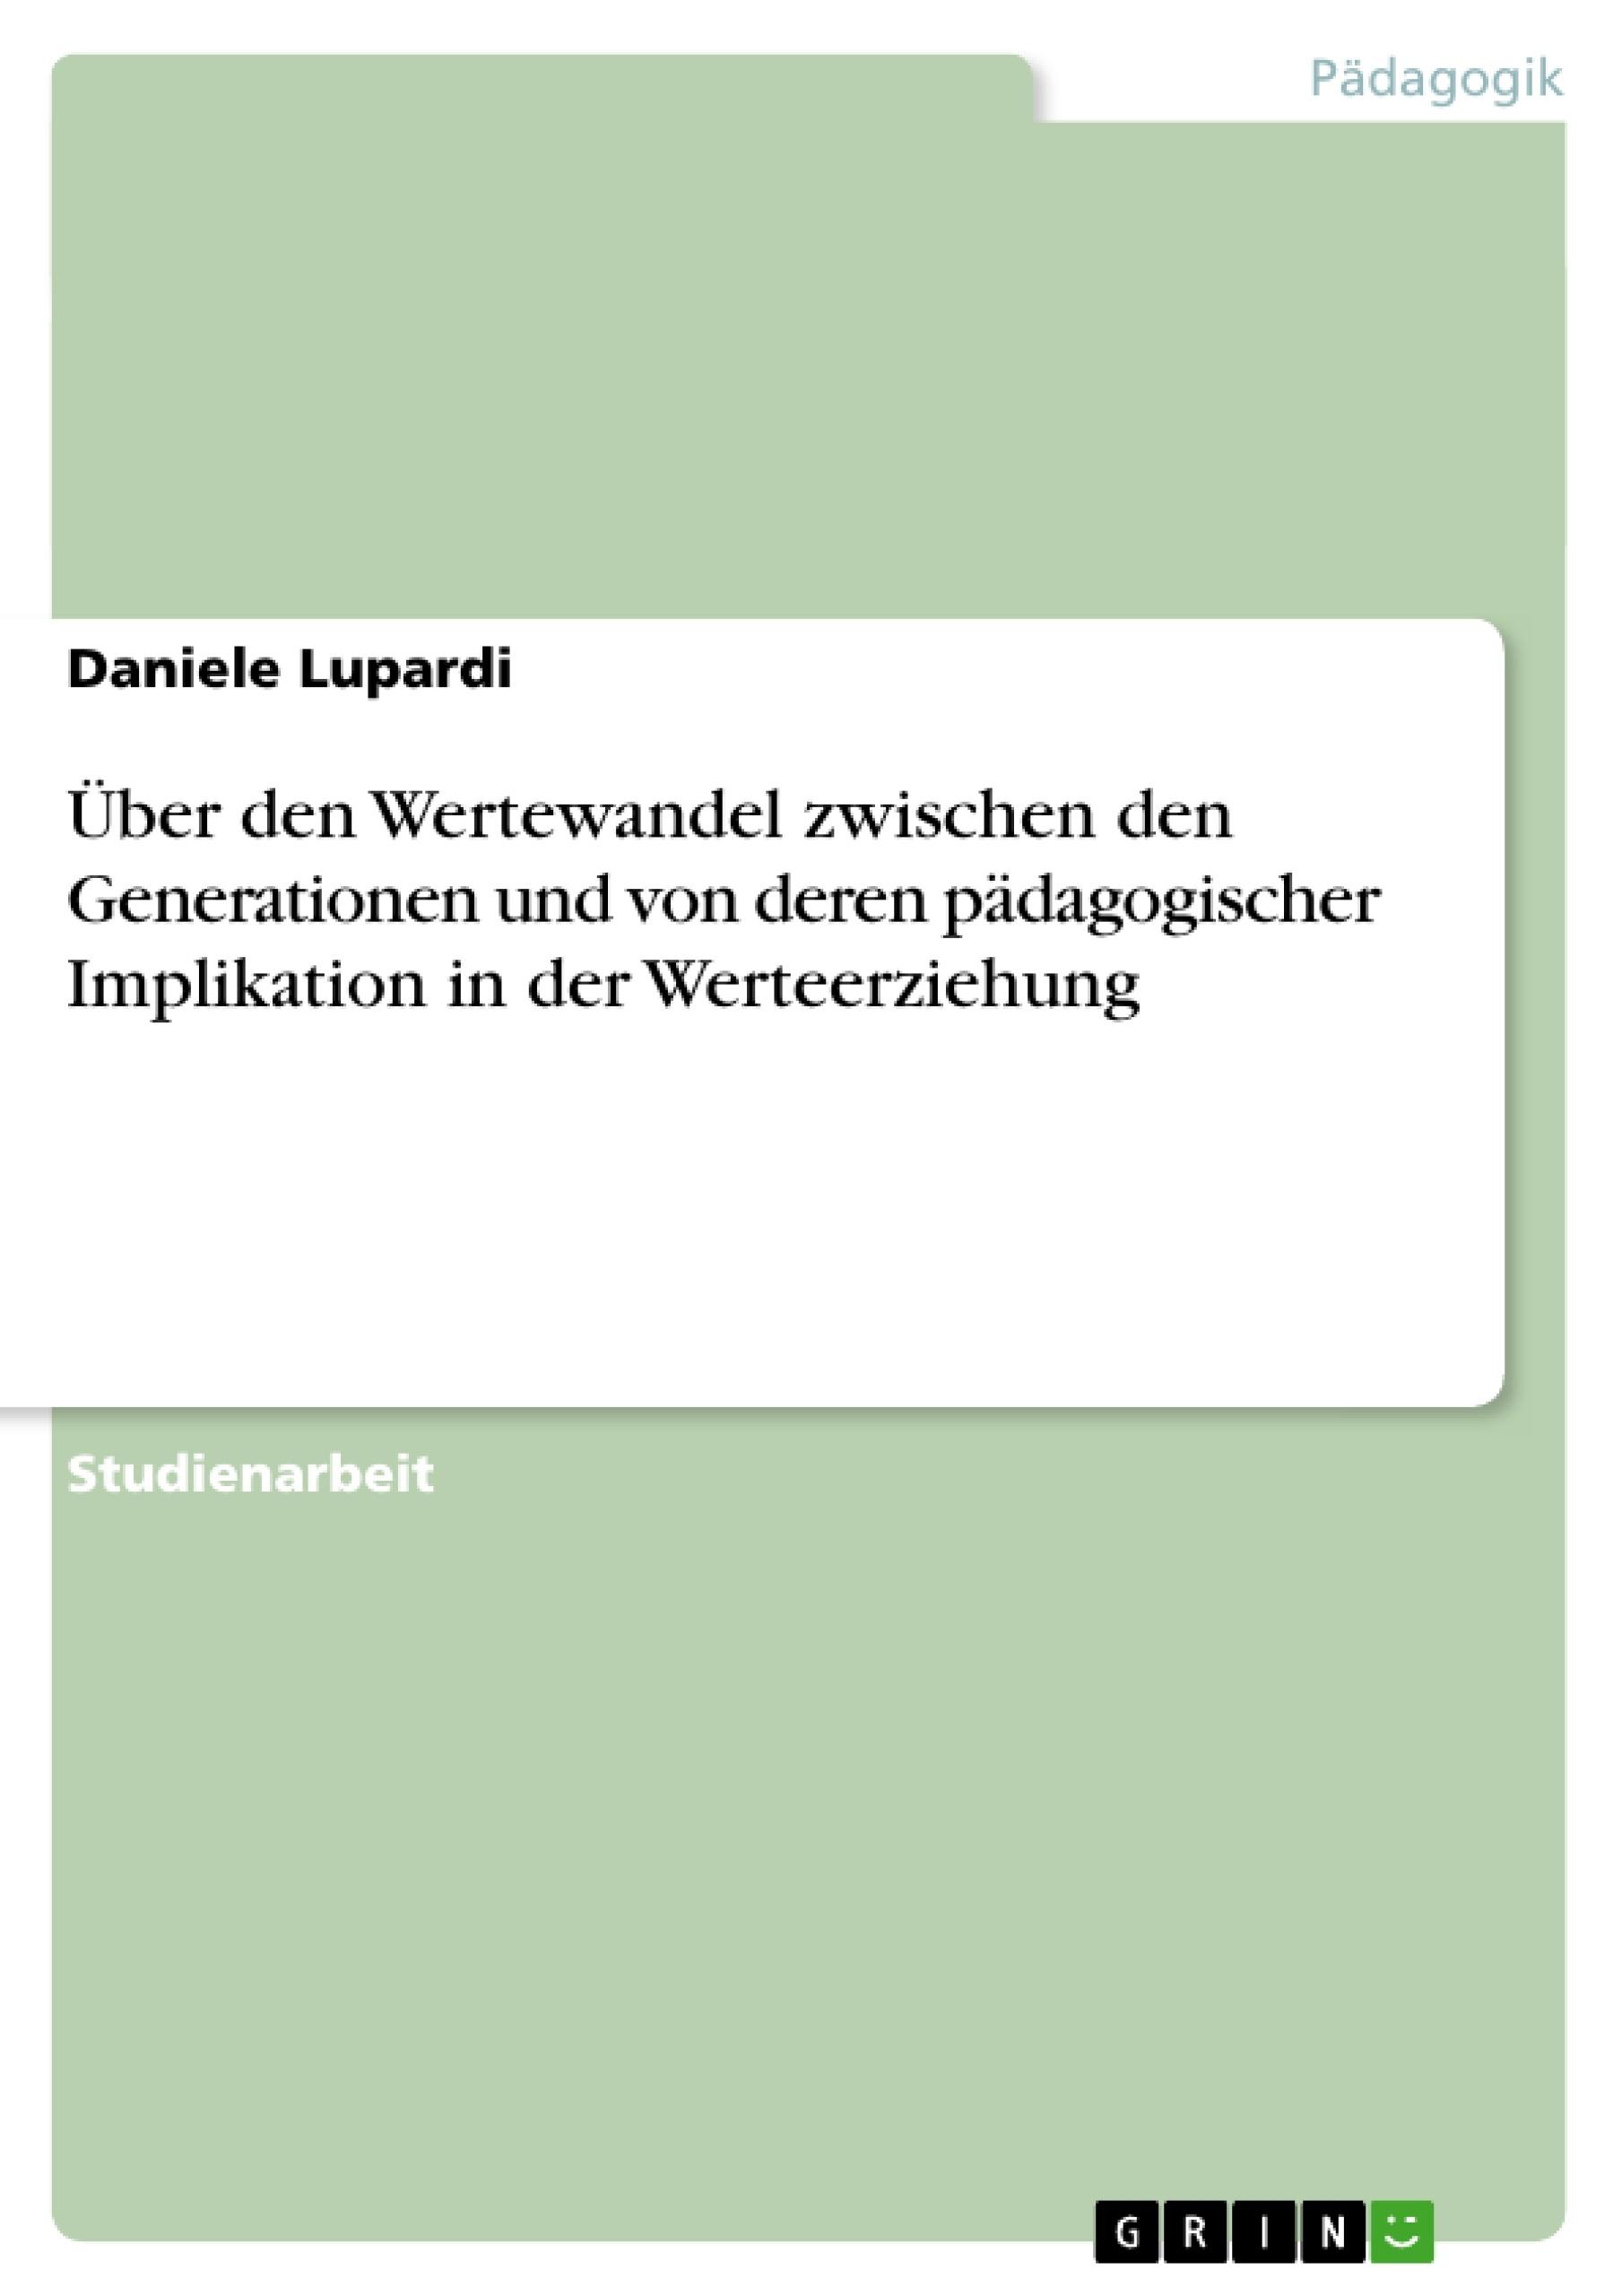 Titel: Über den Wertewandel zwischen den Generationen und von deren pädagogischer Implikation in der Werteerziehung